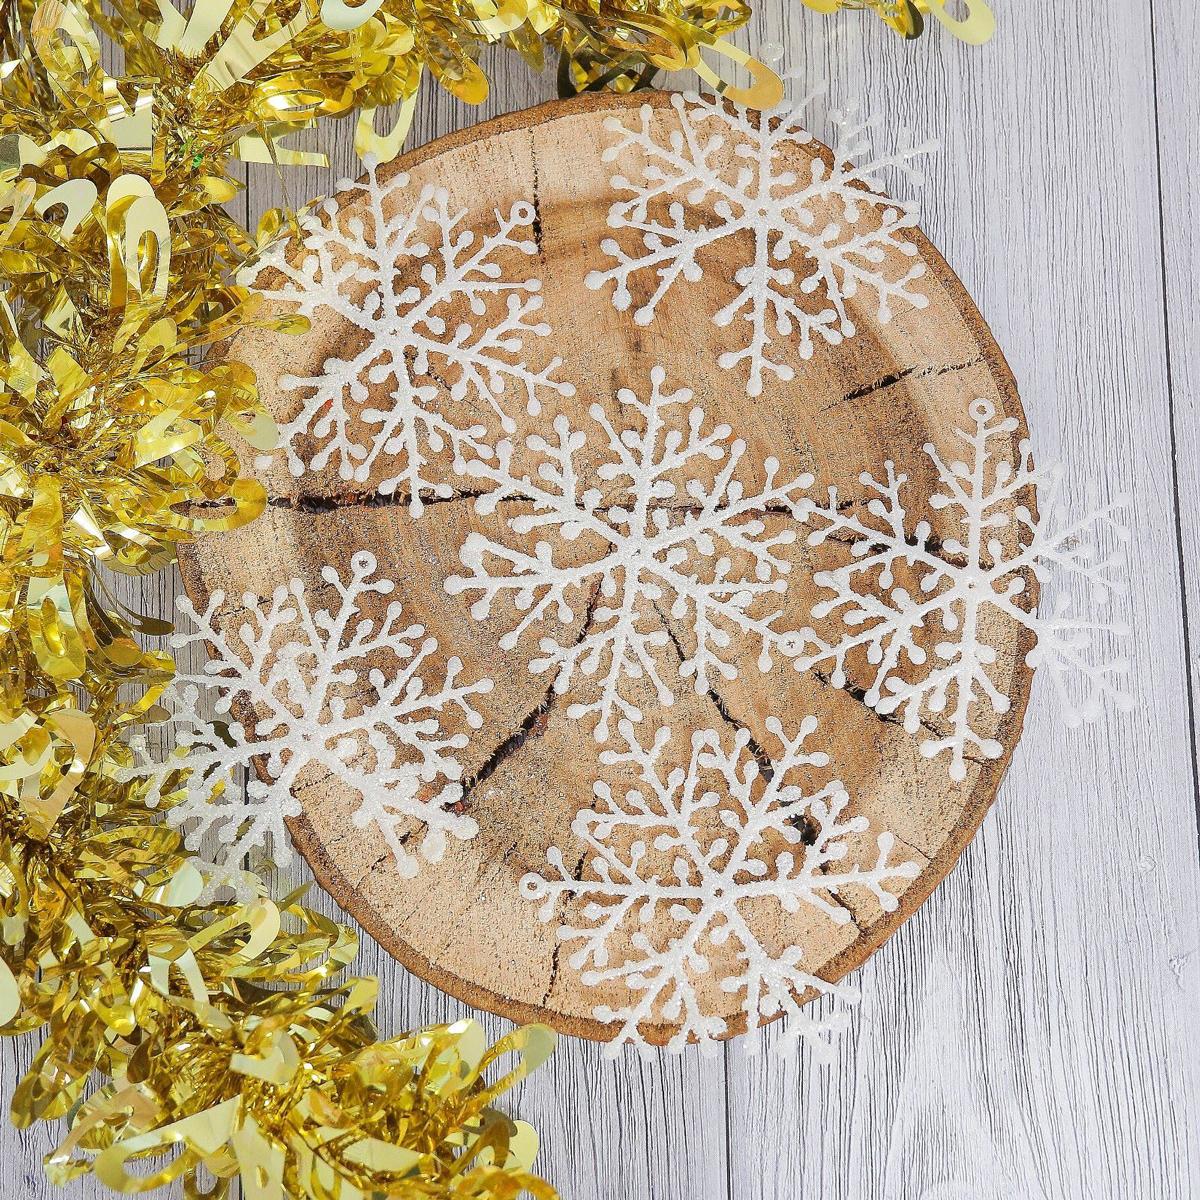 Украшение новогоднее Снежинка, диаметр 8 см, 6 шт2371403Набор новогодних подвесных украшений отлично подойдет для декорации вашего дома и новогодней ели. С помощью специальной петельки украшение можно повесить в любом понравившемся вам месте. Но, конечно, удачнее всего оно будет смотреться на праздничной елке.Елочная игрушка - символ Нового года. Она несет в себе волшебство и красоту праздника. Такое украшение создаст в вашем доме атмосферу праздника, веселья и радости.